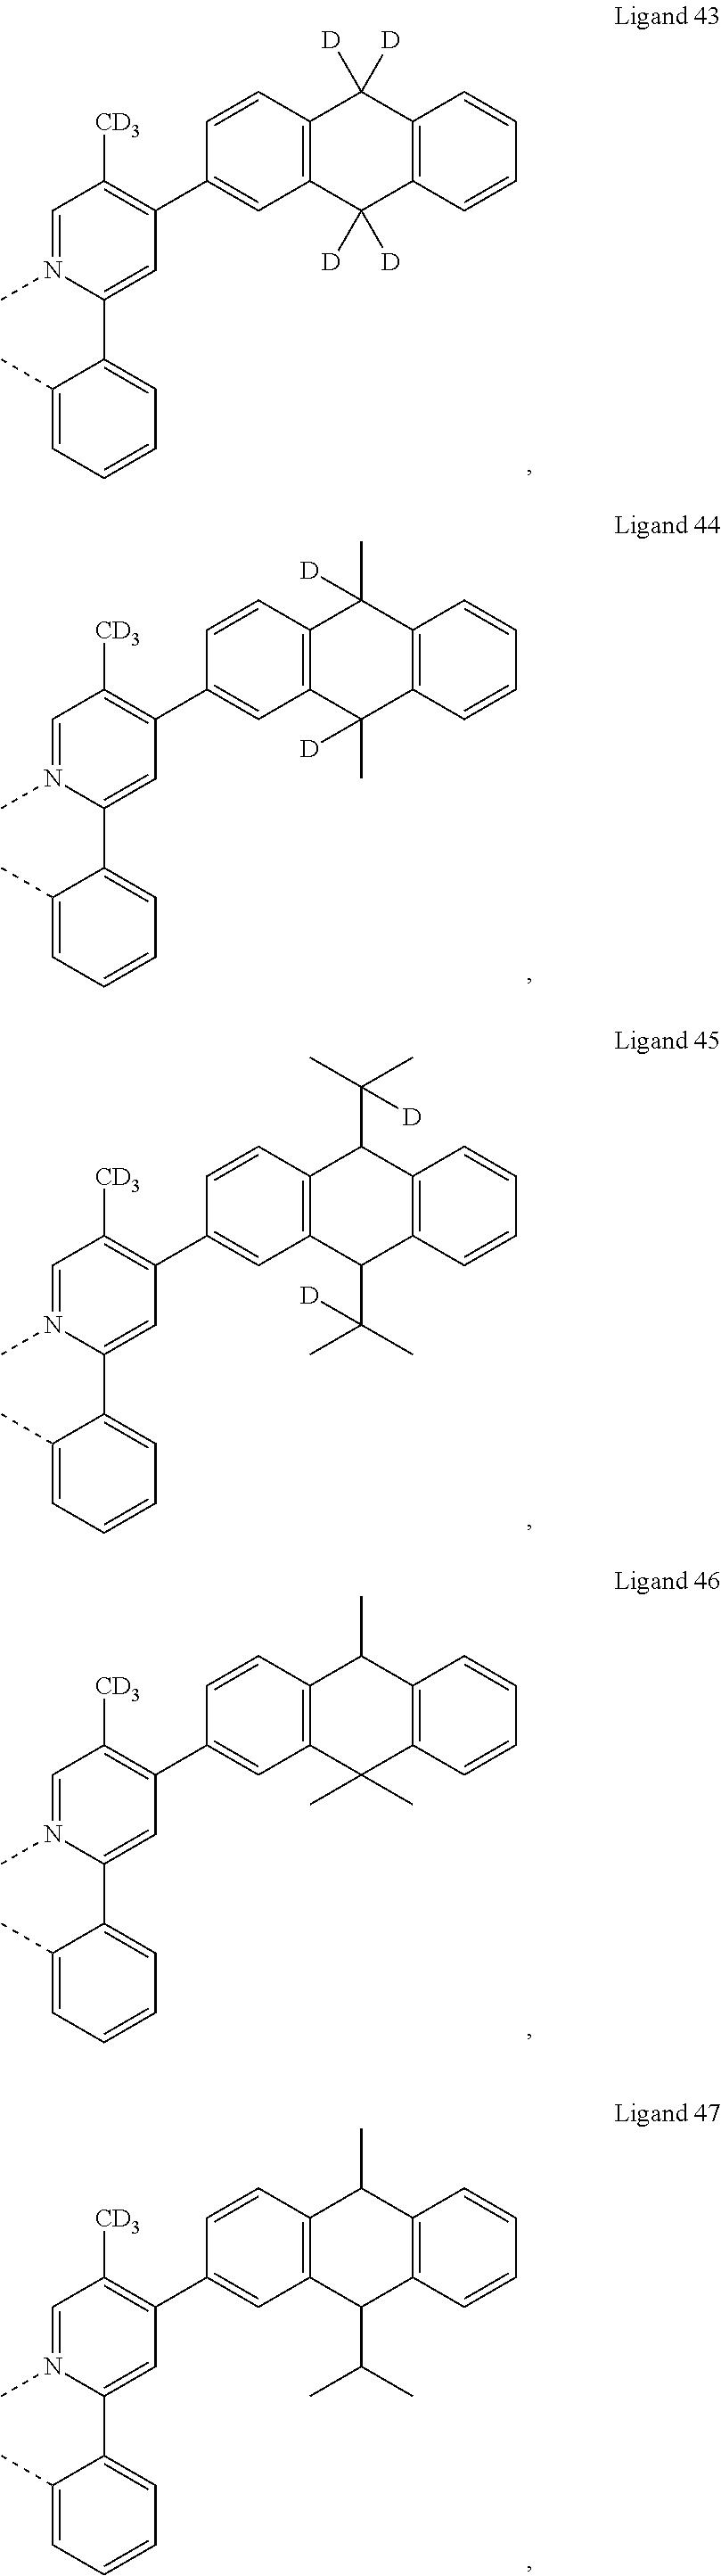 Figure US20180130962A1-20180510-C00237